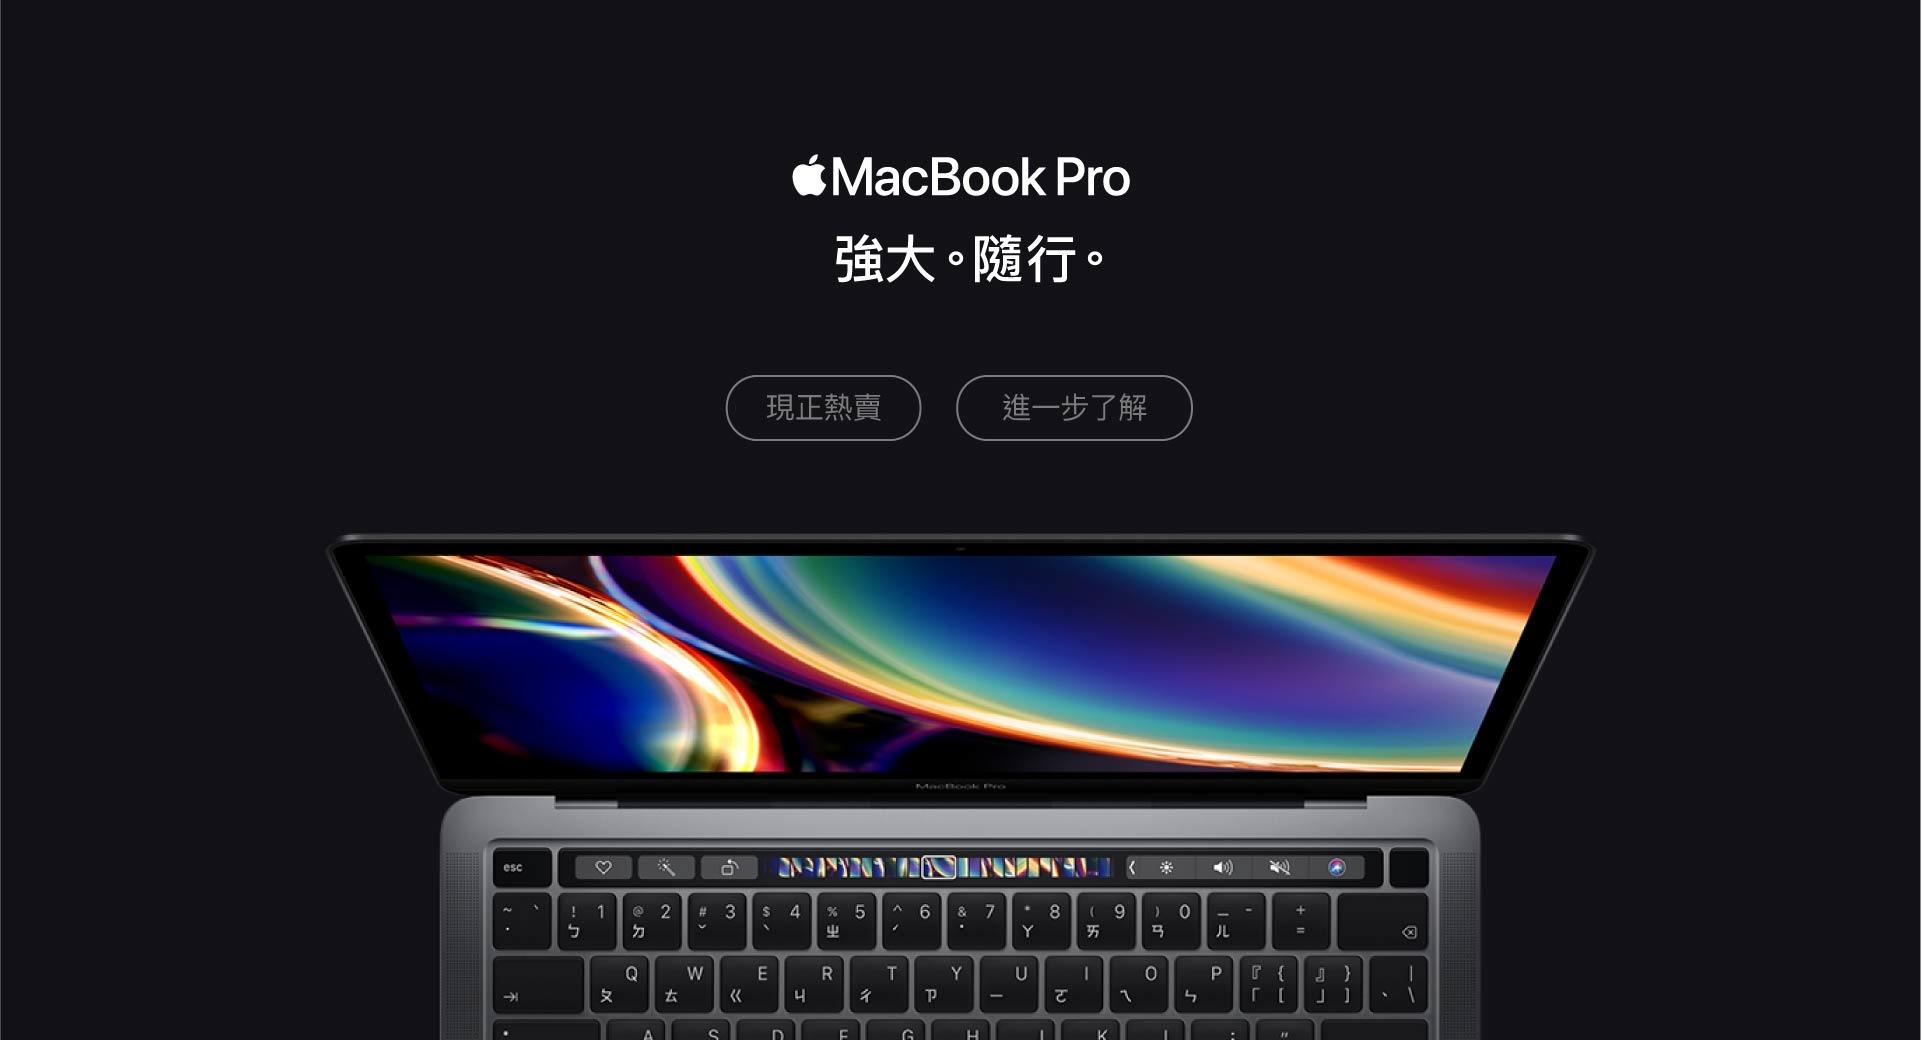 MacBook Pro, MacBook Pro 13吋 , MacBook Pro 2020, Apple教育價20202